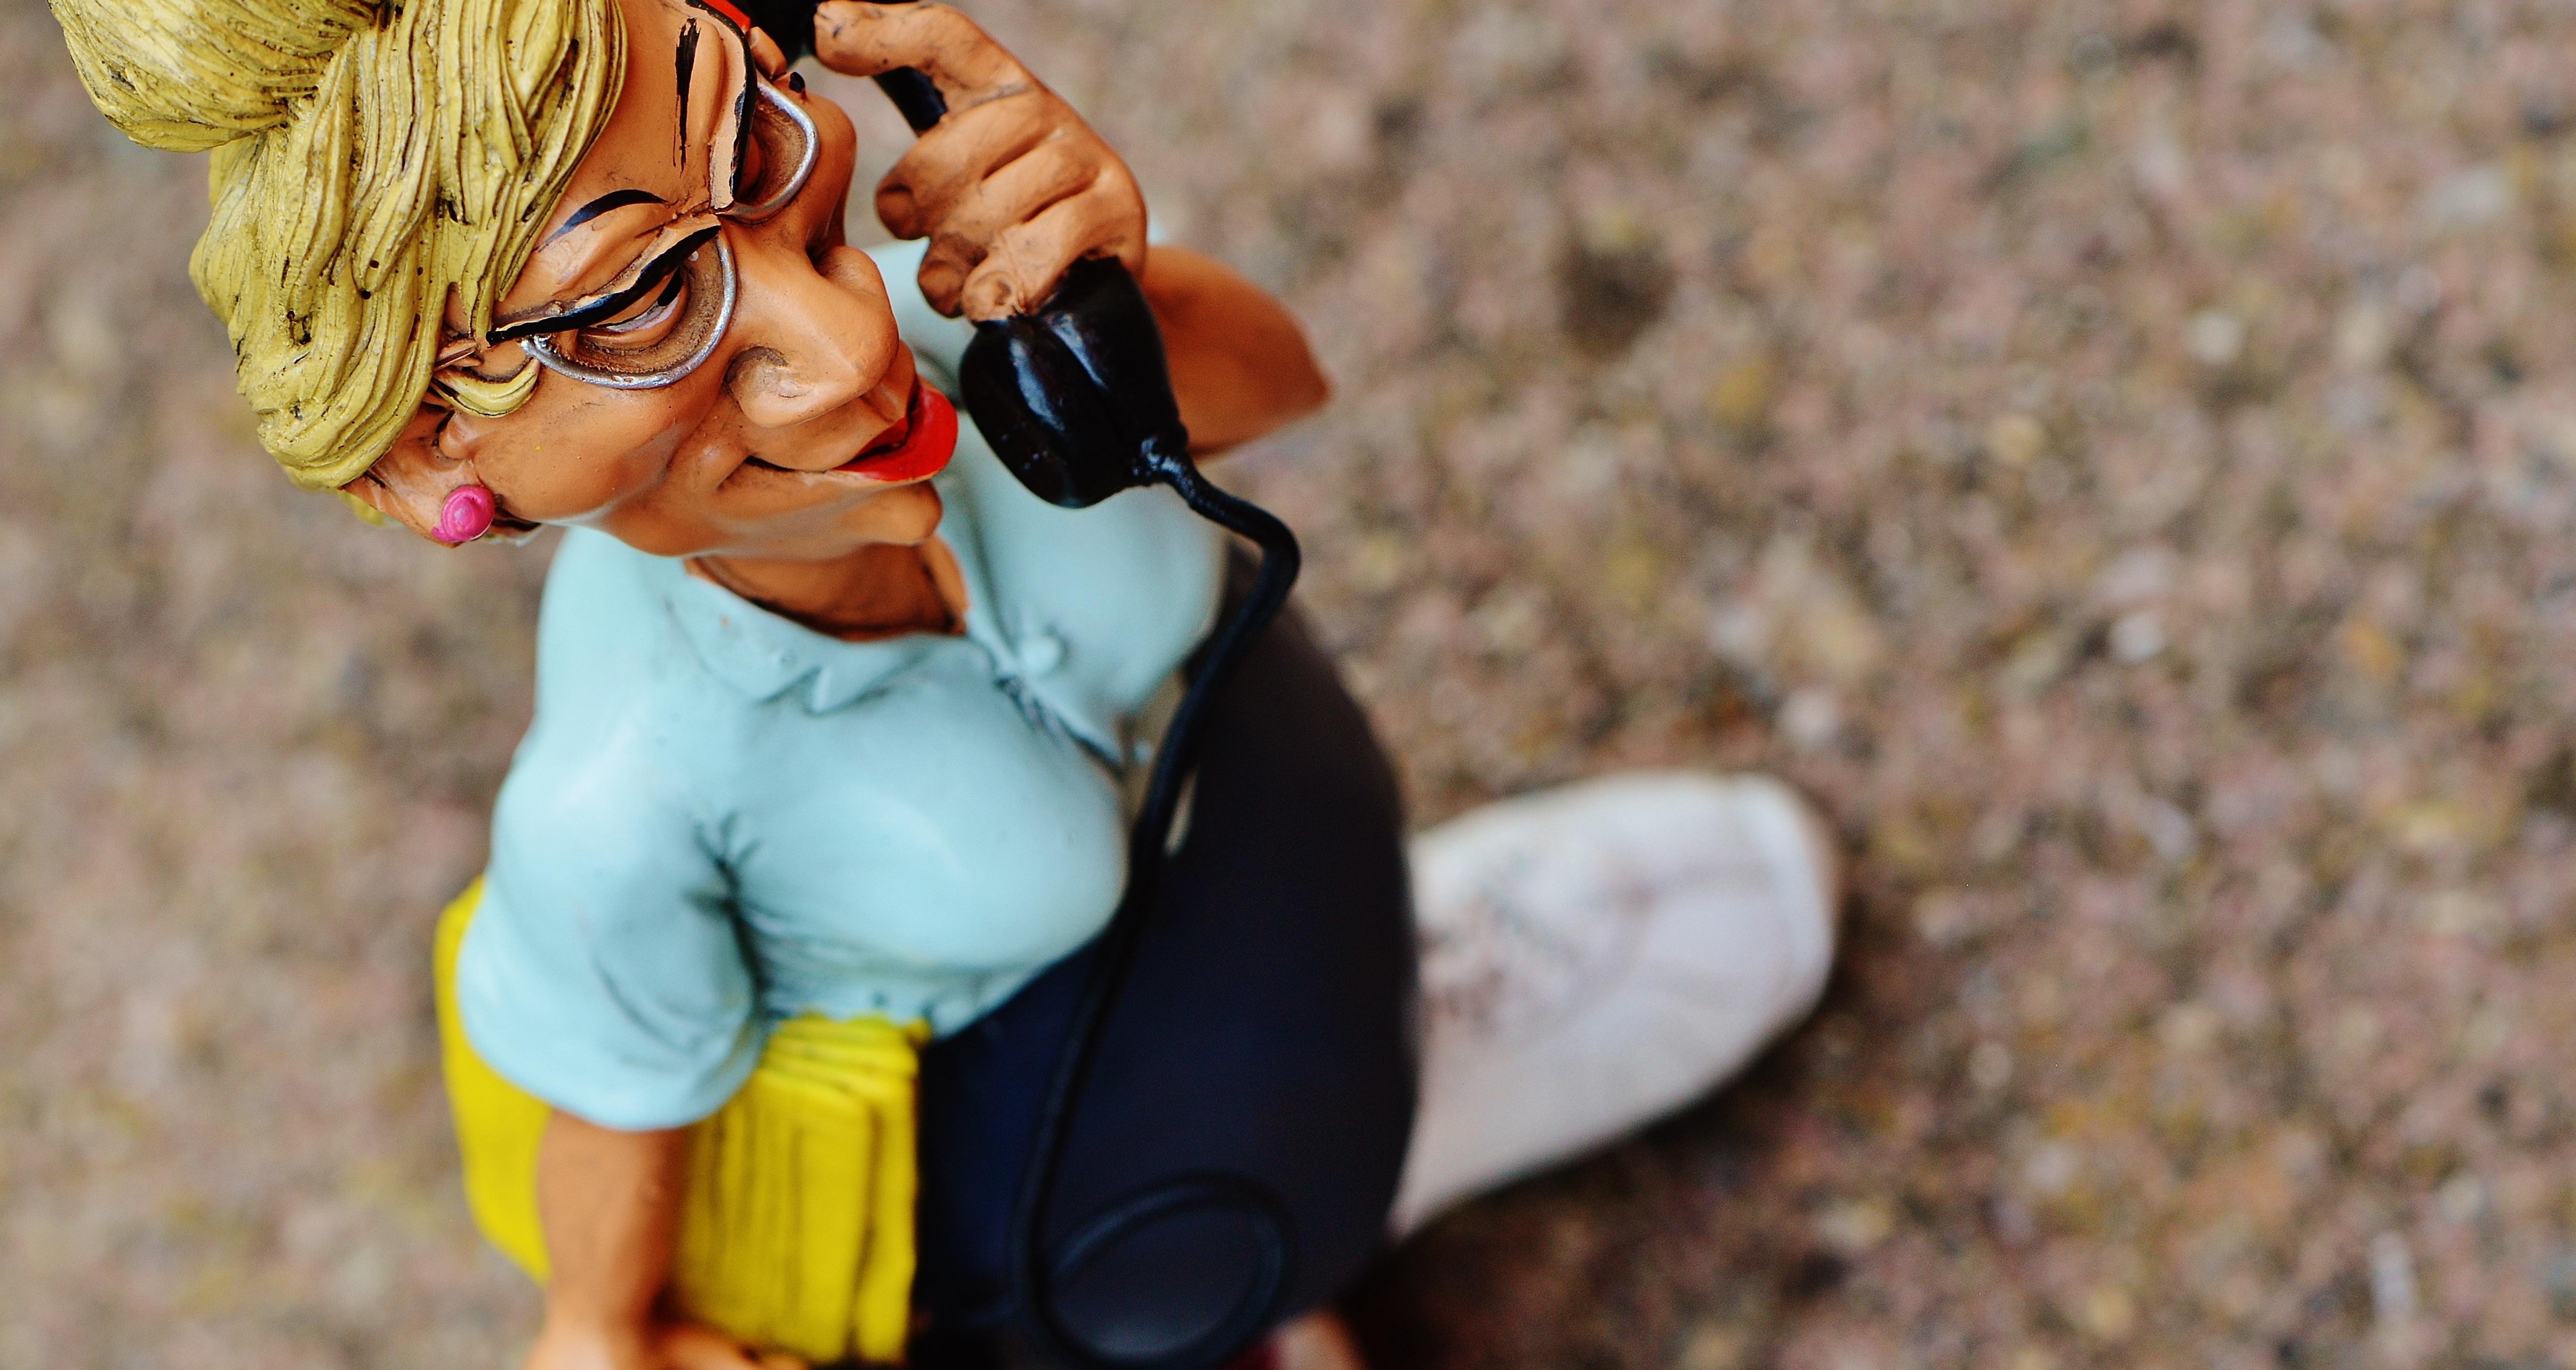 Gambar Wanita Musim Semi Kantor Komunikasi Bisnis Pakaian Koleksi Mainan Anak Telepon Kuning Kesenangan Panggilan Kostum Arsip Sekretaris Handset